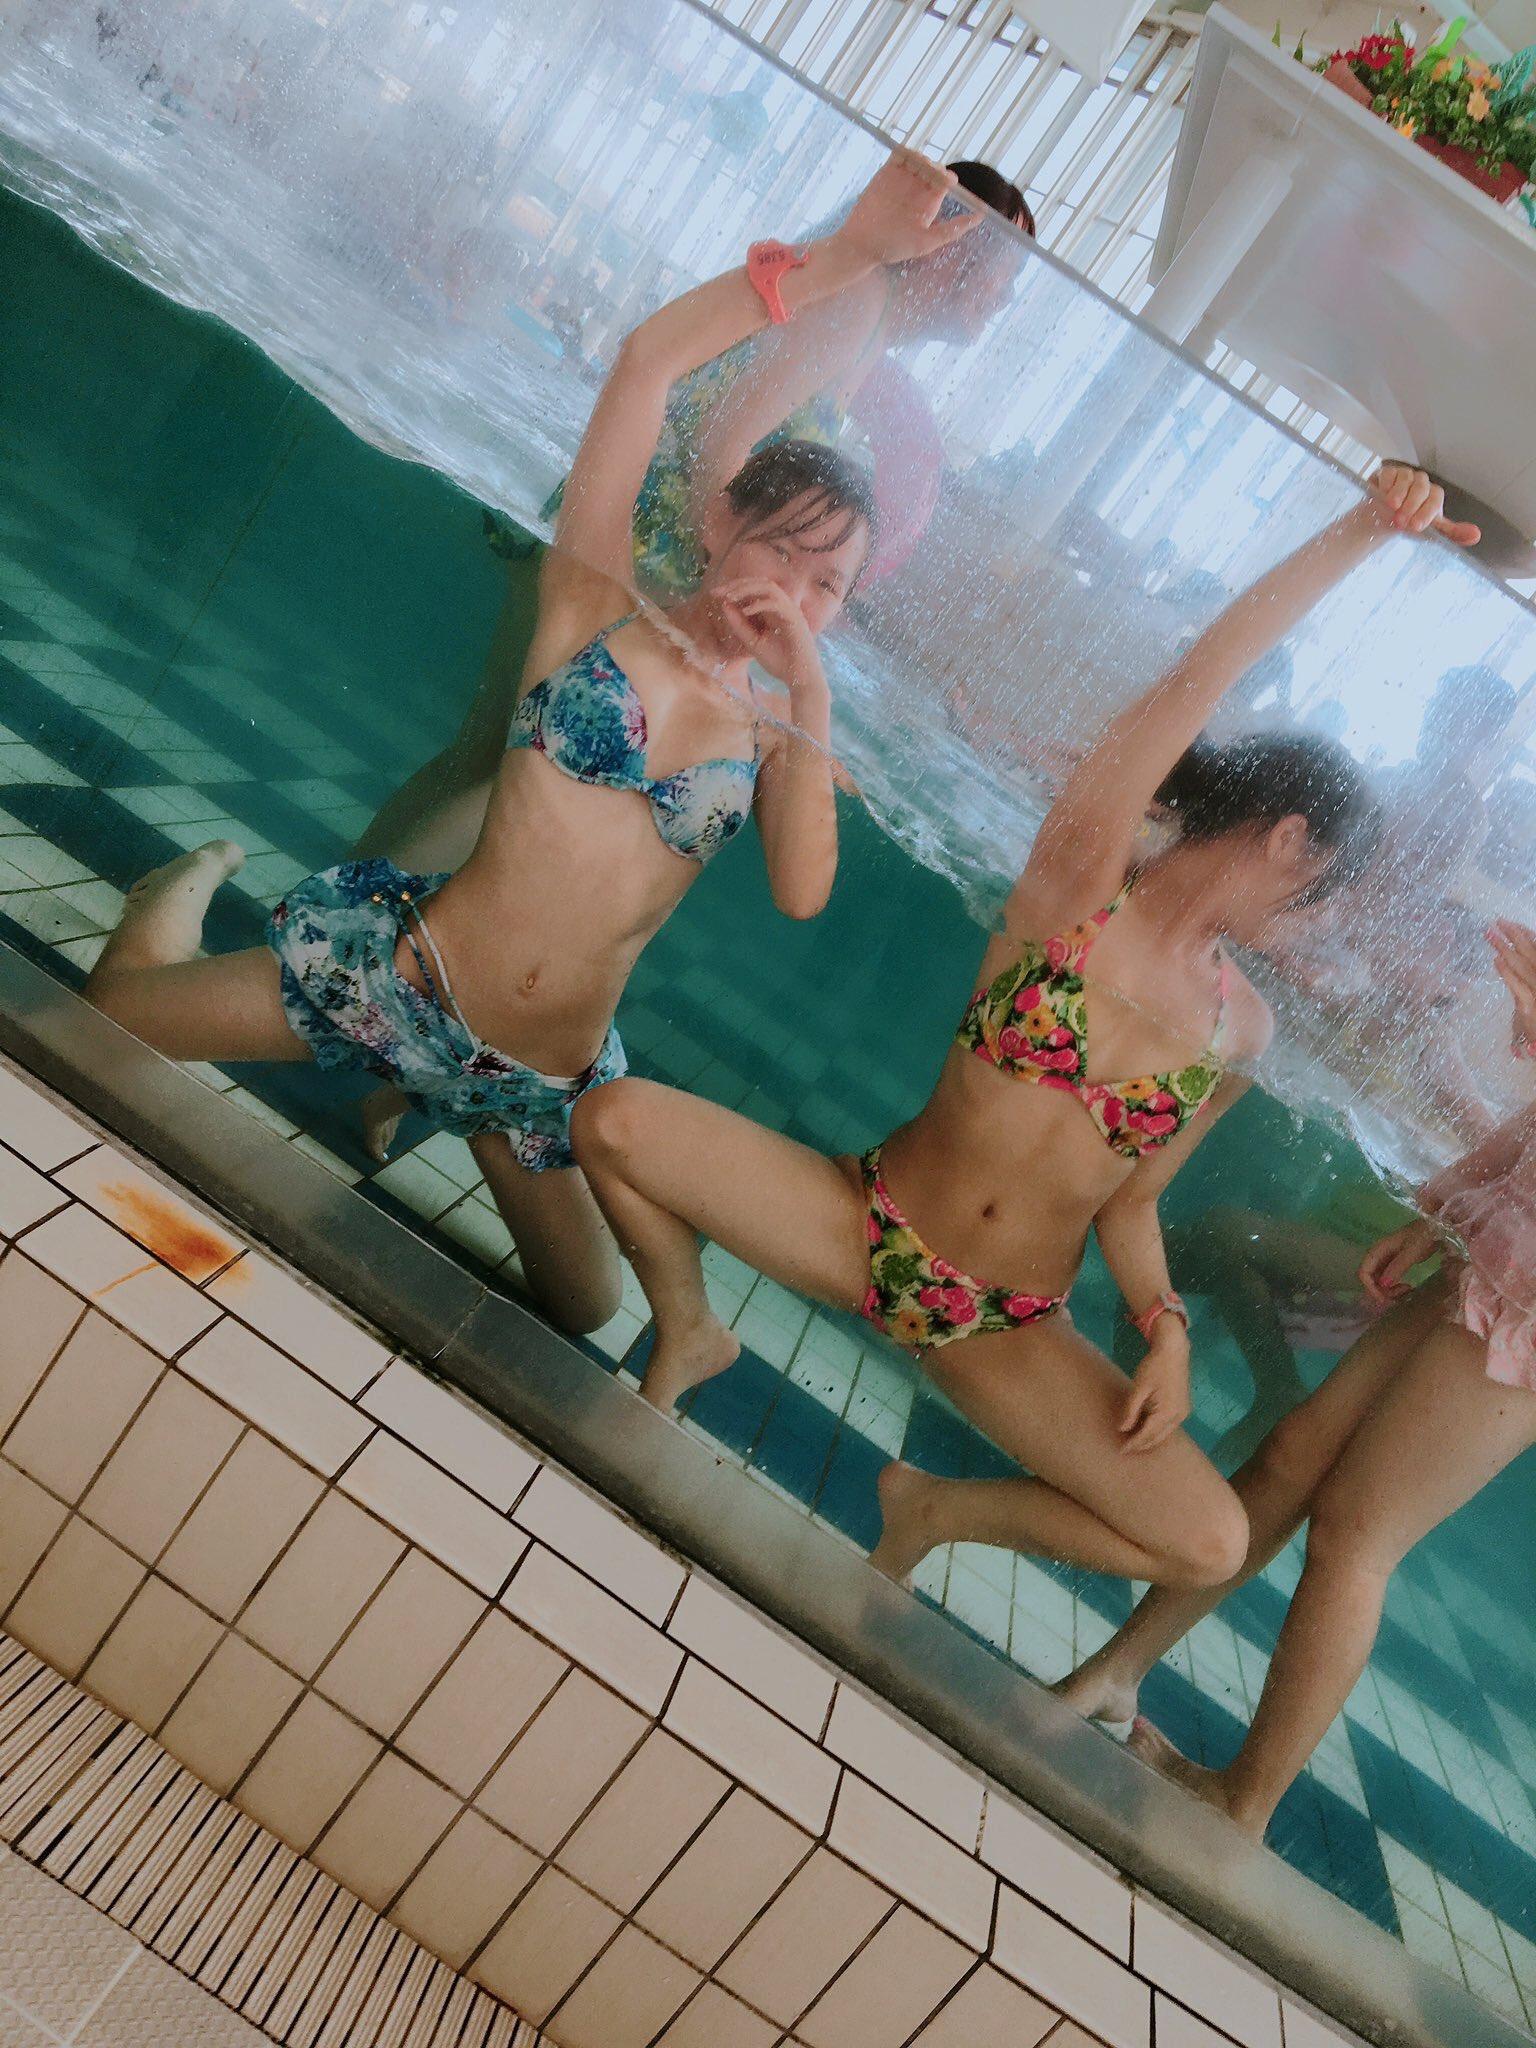 JKがフザケて撮った水着姿がくっそエッチなエロ画像wwwwwwwwwwwwww XKuFU7G